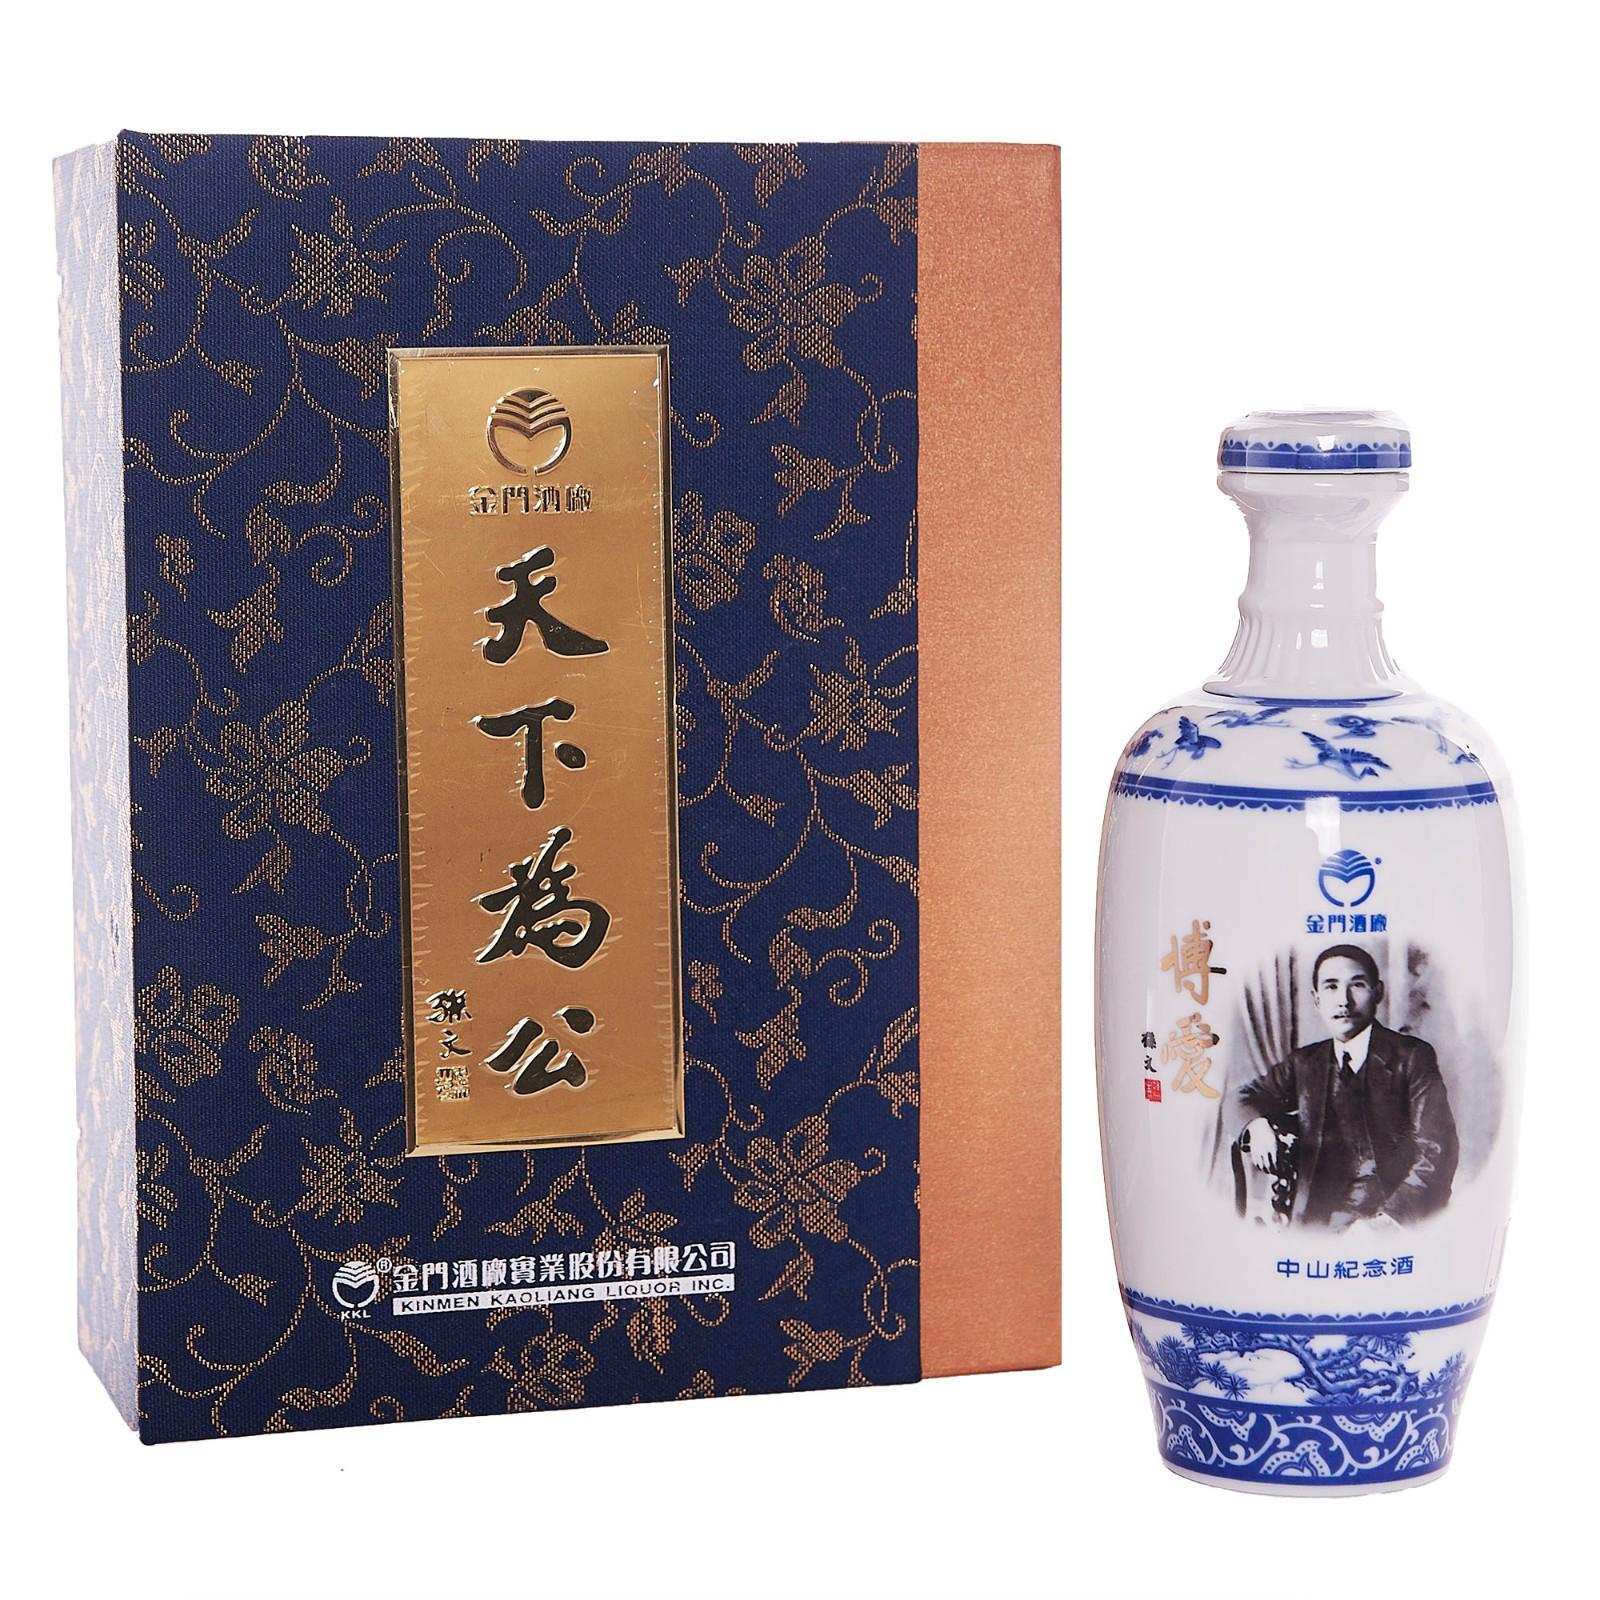 金门高粱酒-中山纪念酒(博爱)58度500ml